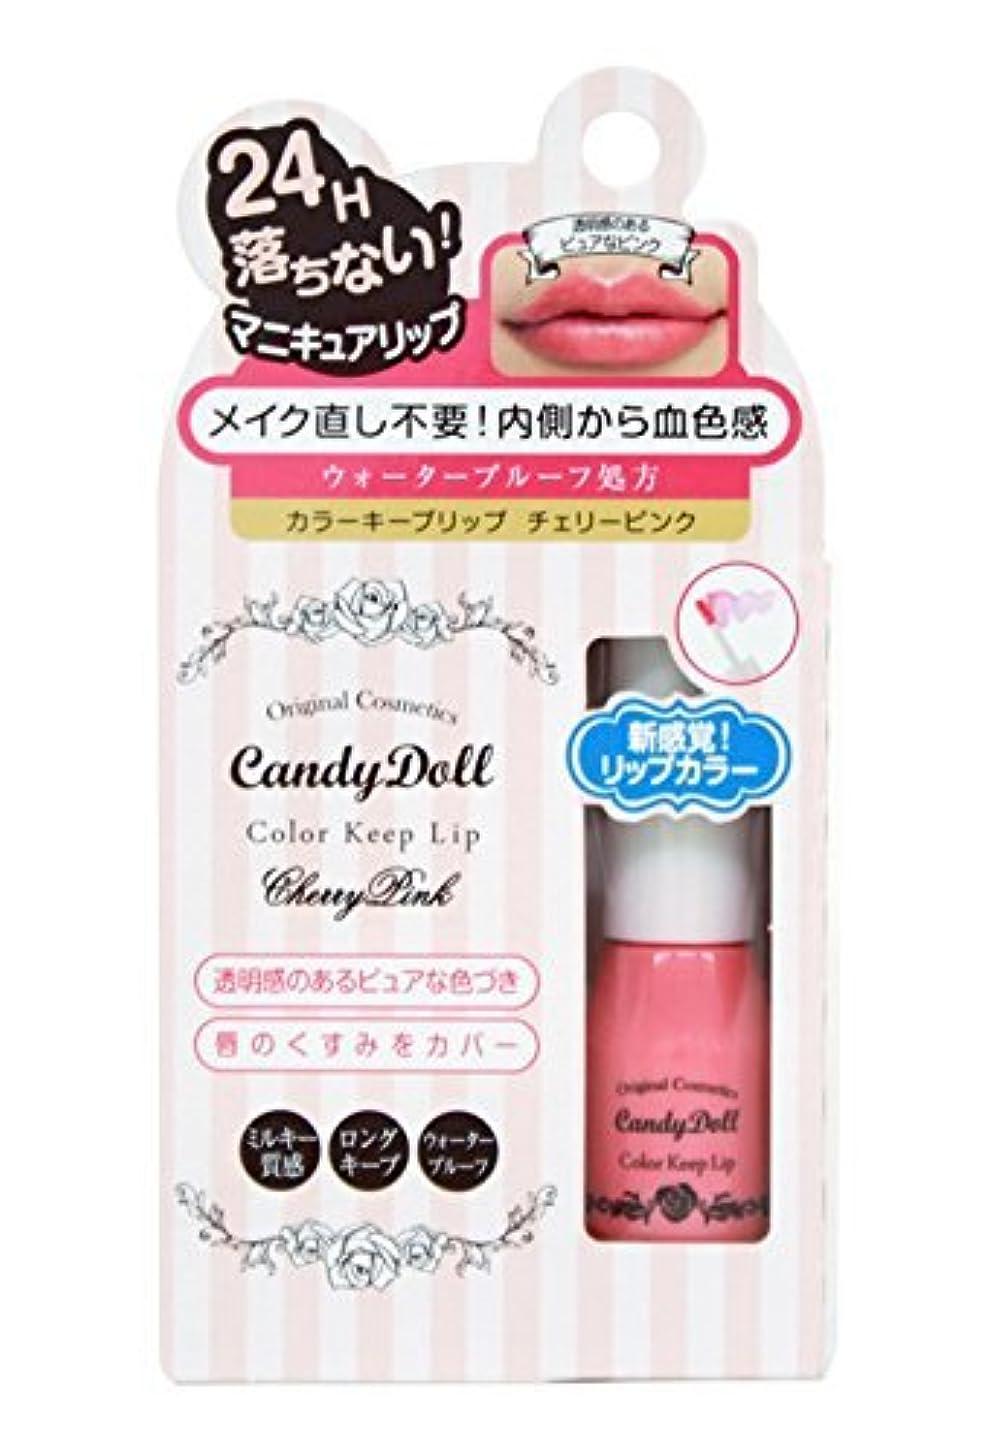 コロニー降雨病んでいるT-Garden CandyDoll カラーキープリップ チェリーピンク